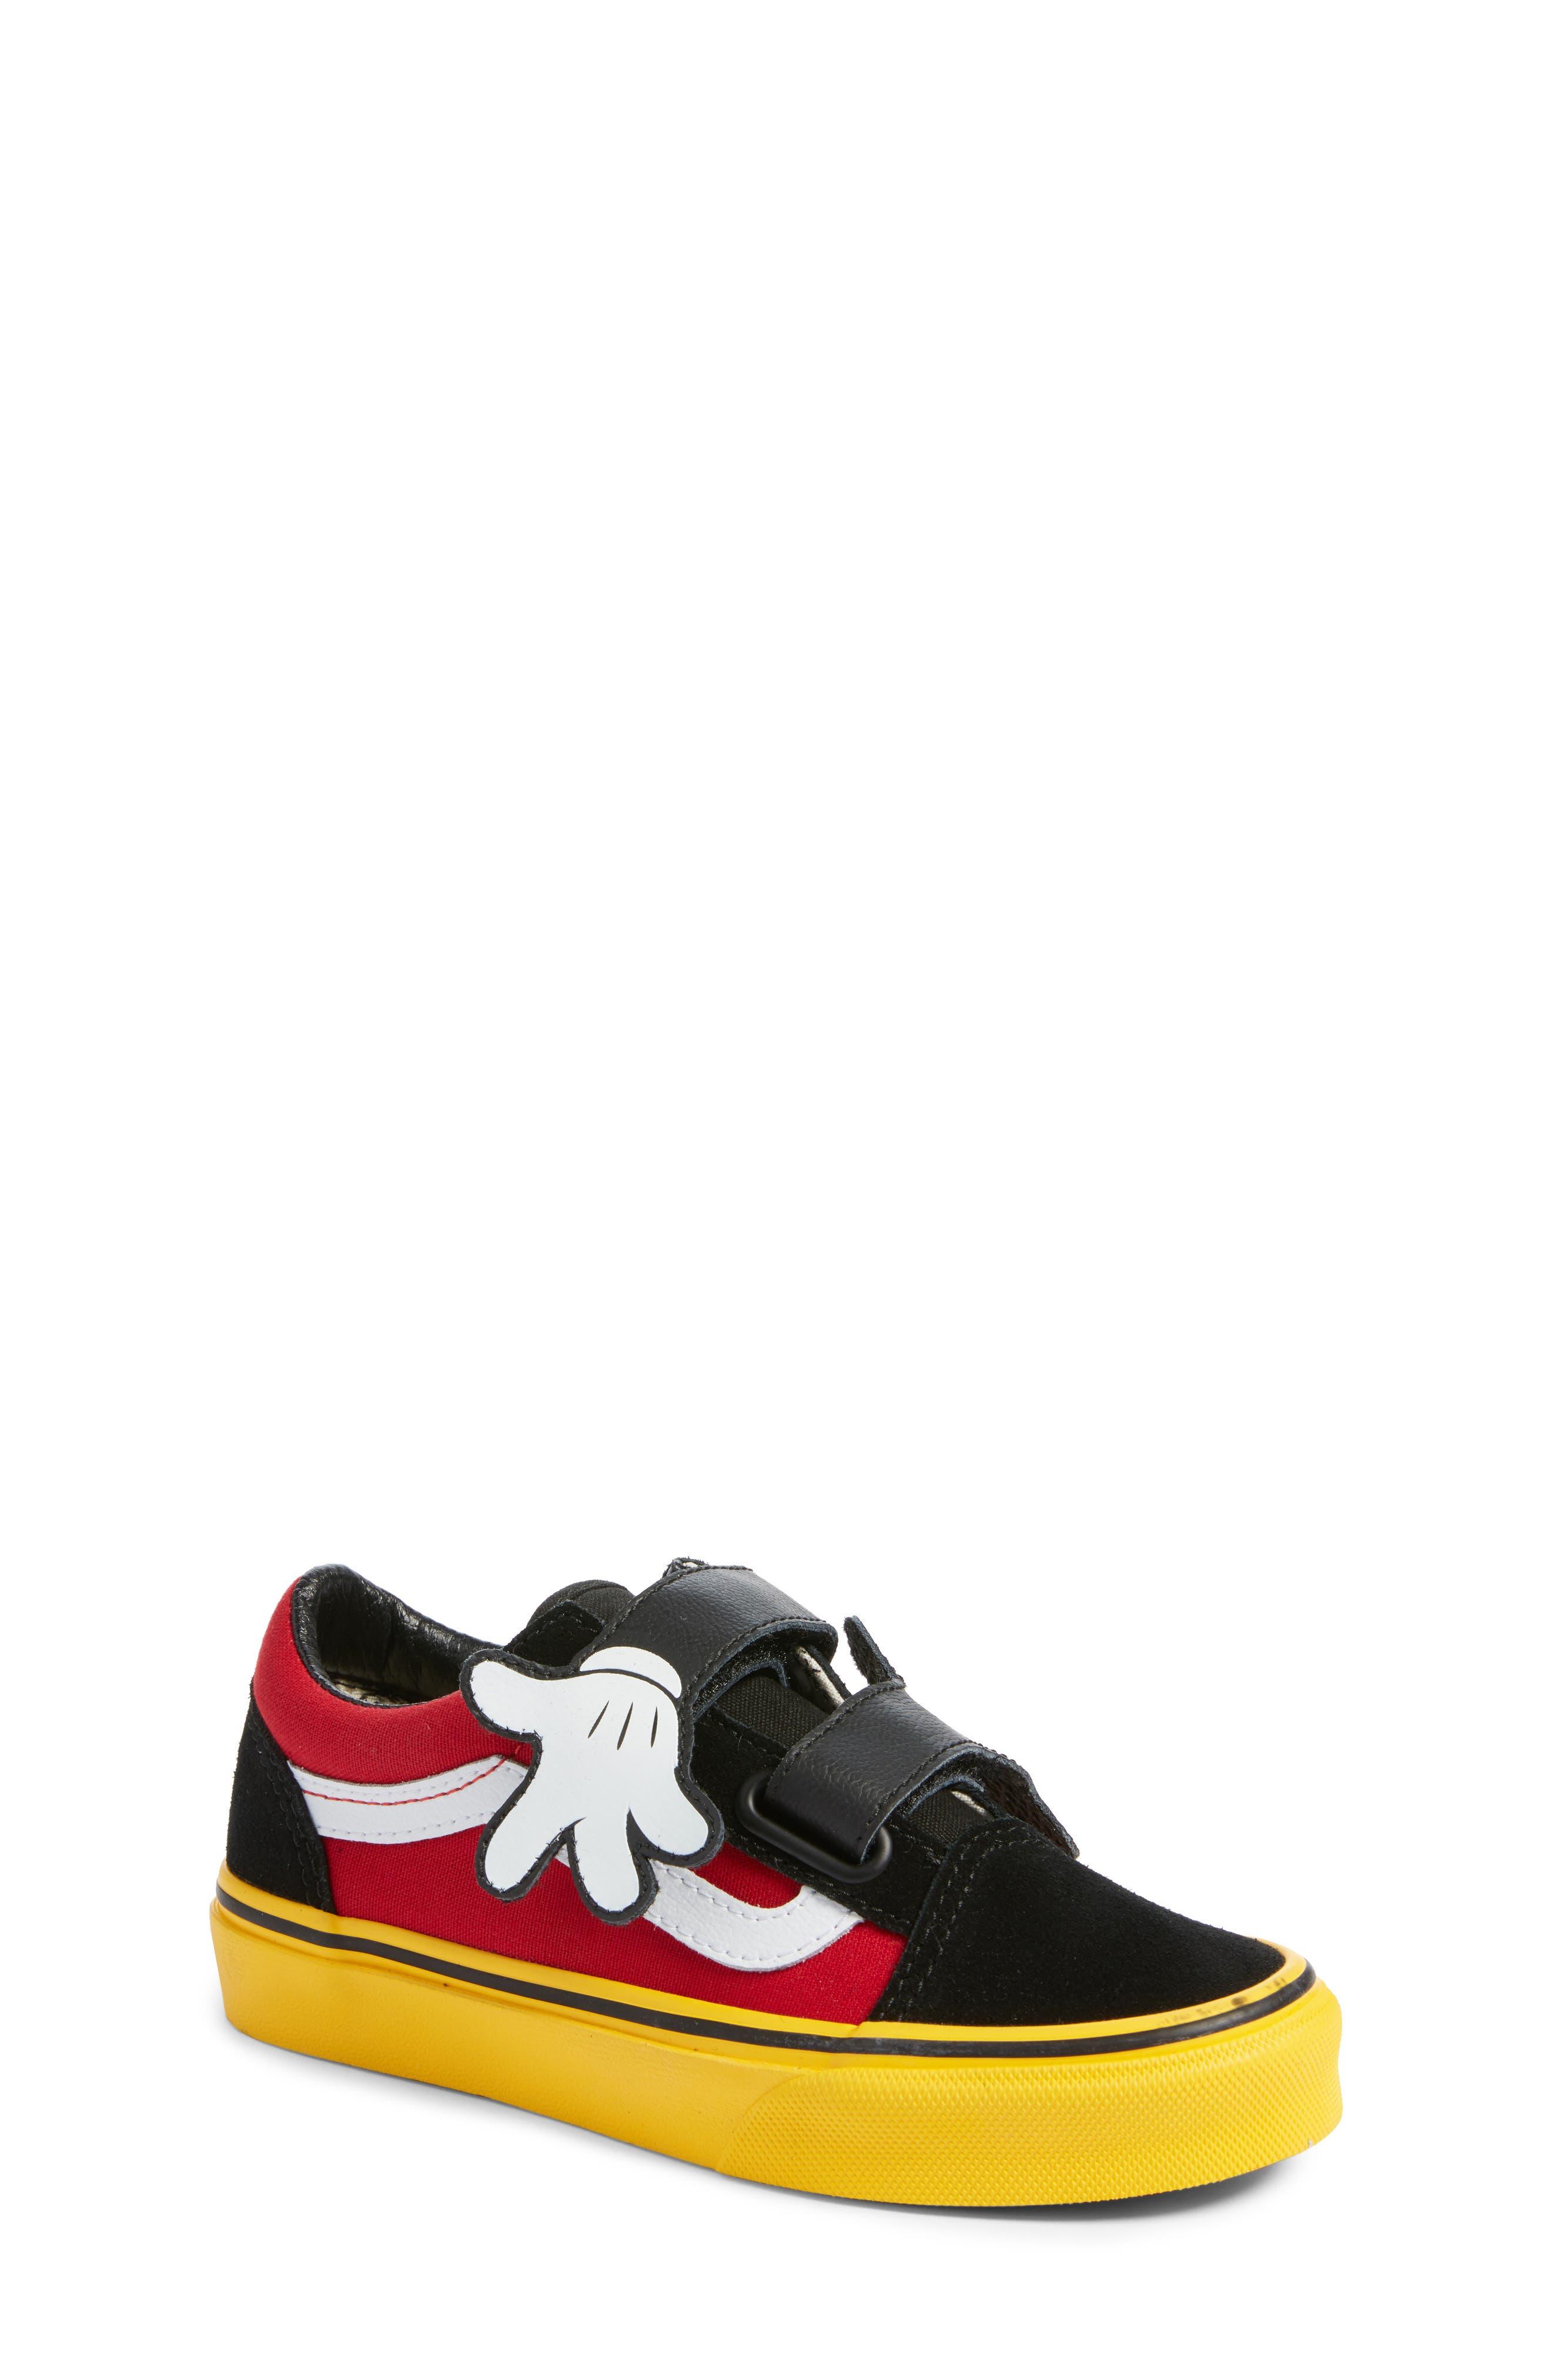 vans kids shoes size 12